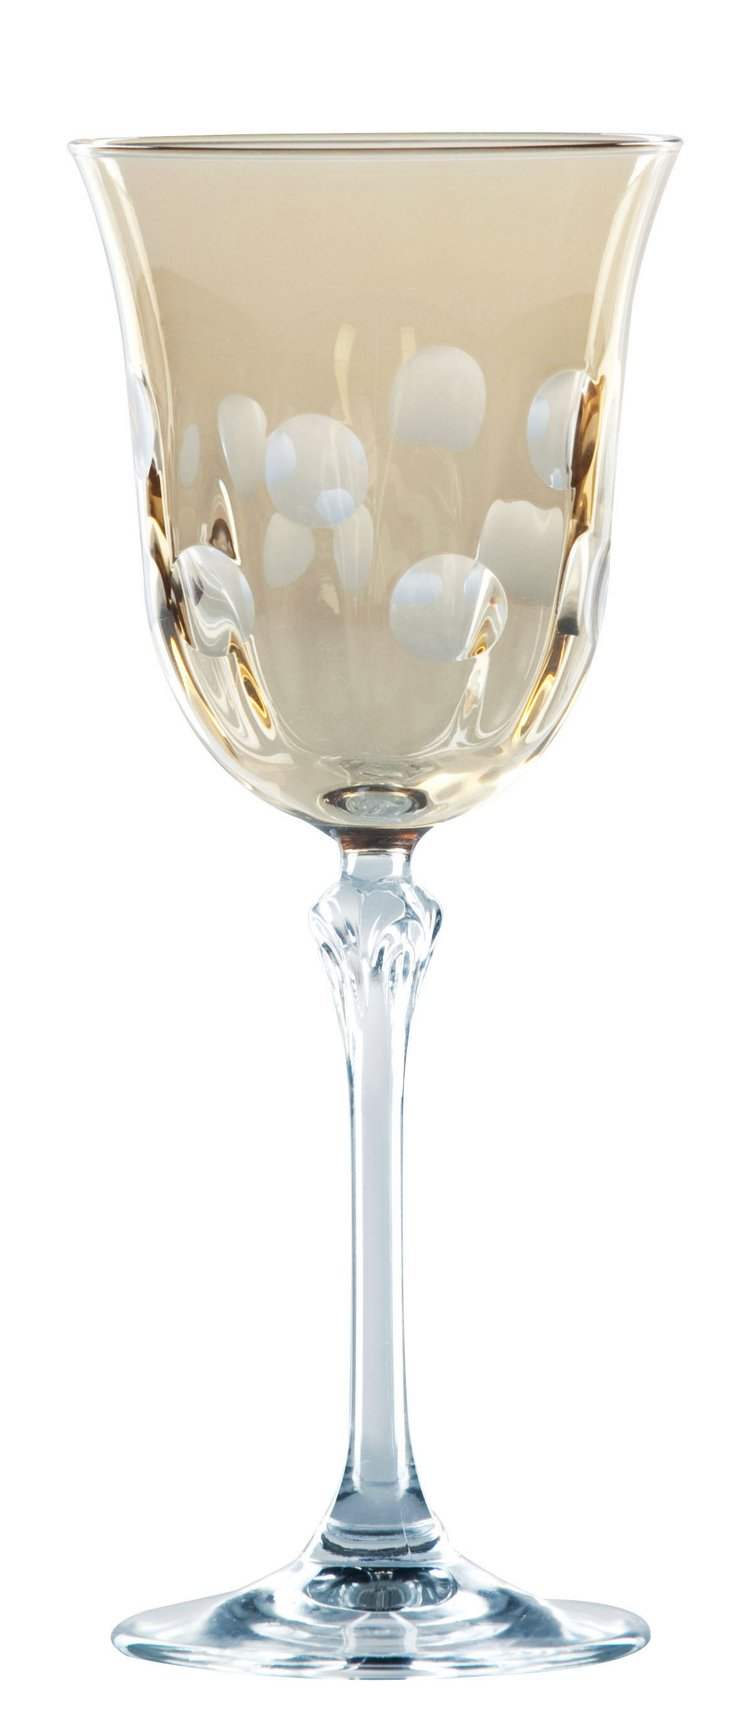 S/4 Dot Wine Glasses, Amber